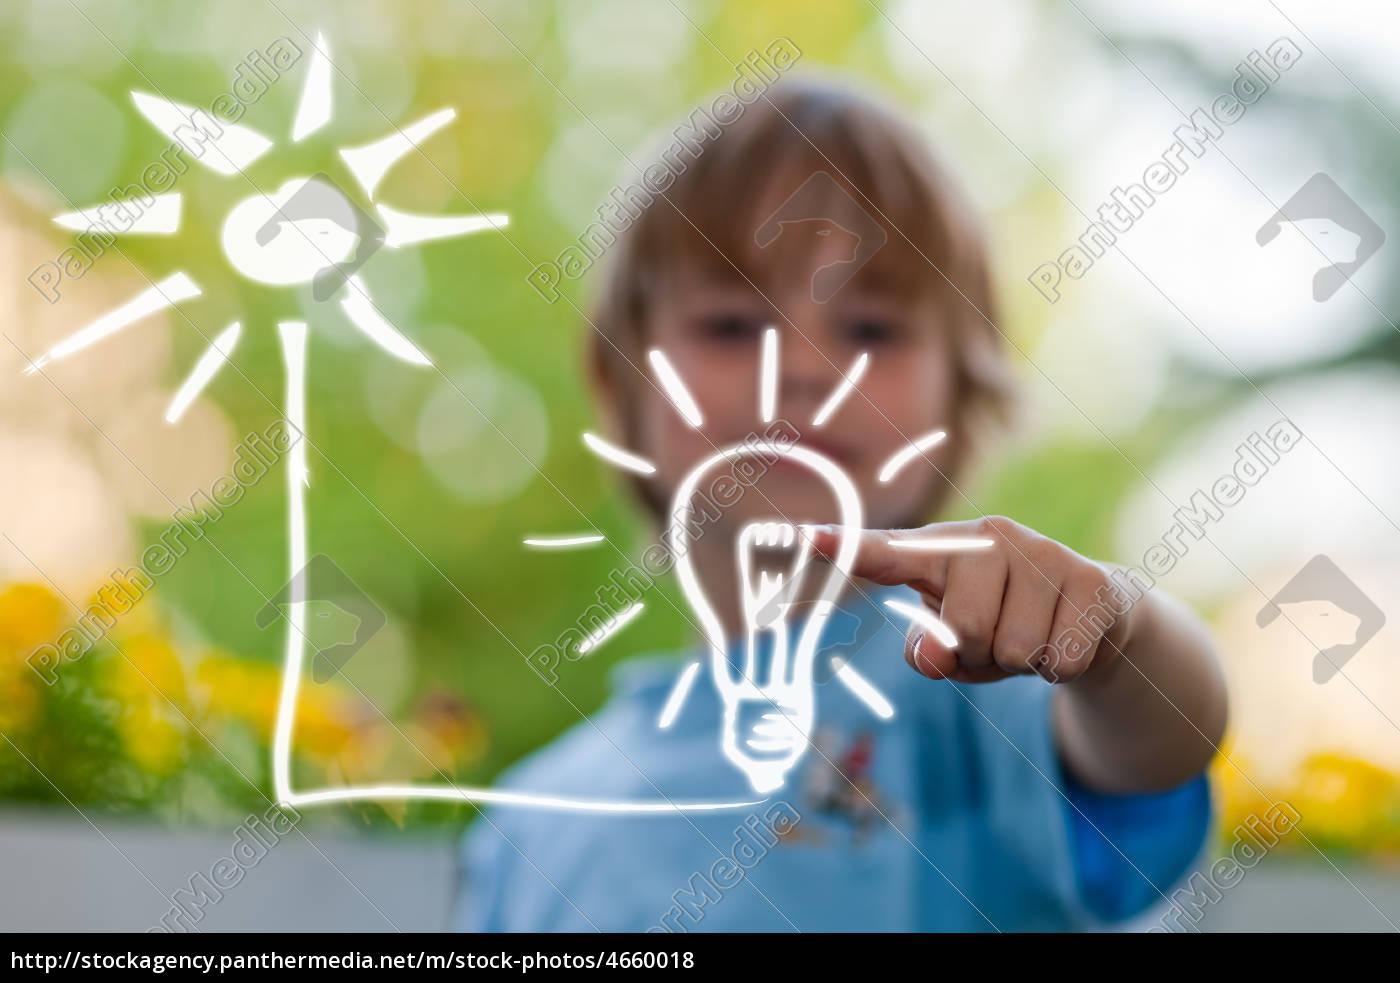 kind, plant, haus, und, energie - 4660018